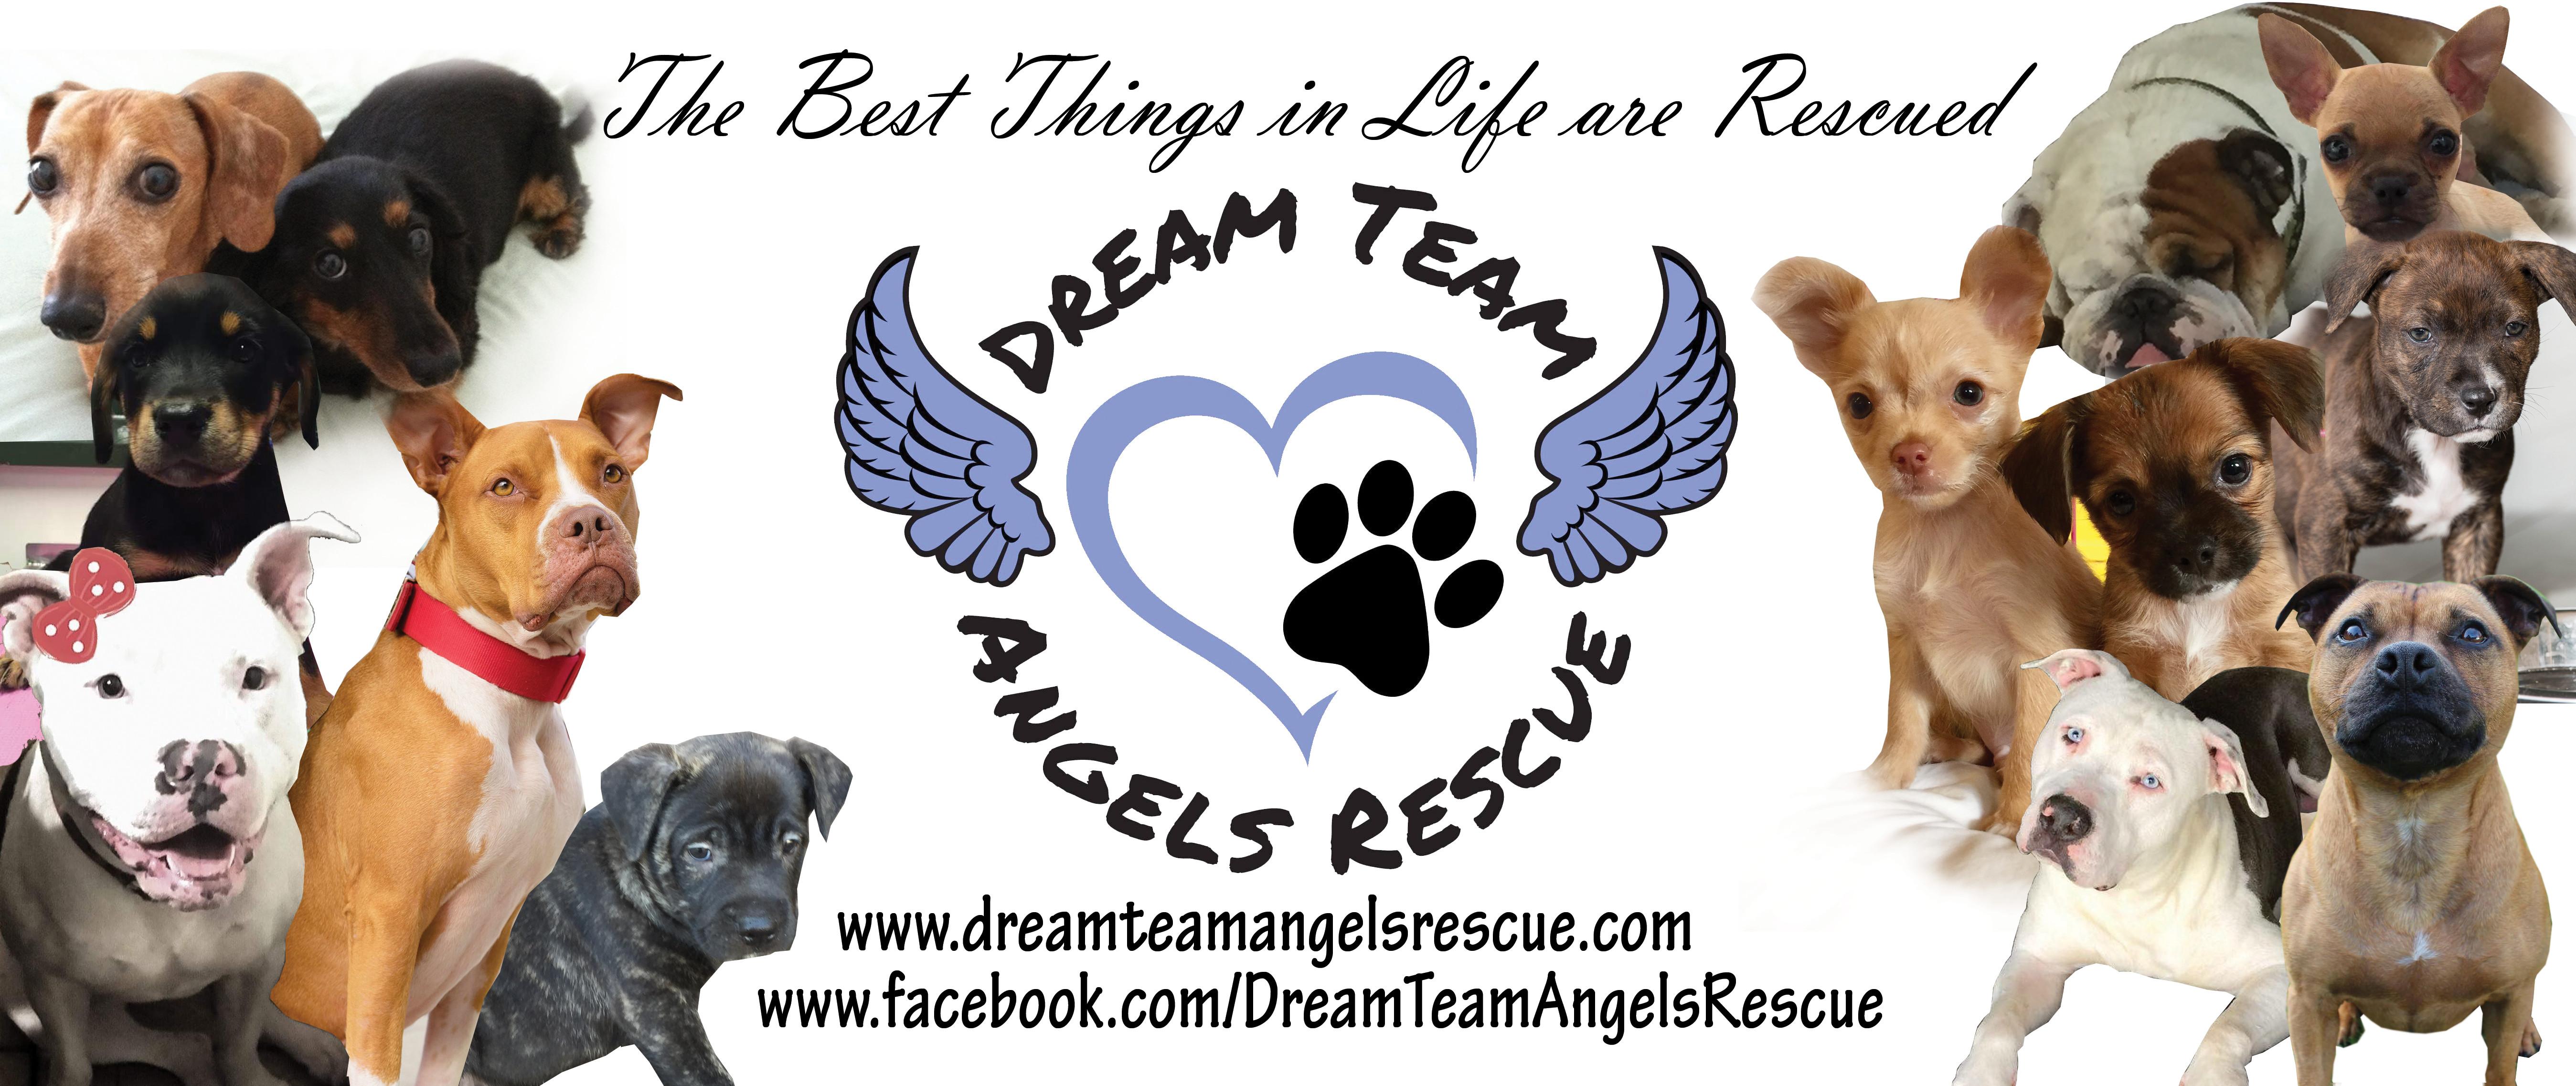 Dream Team Angles Rescue